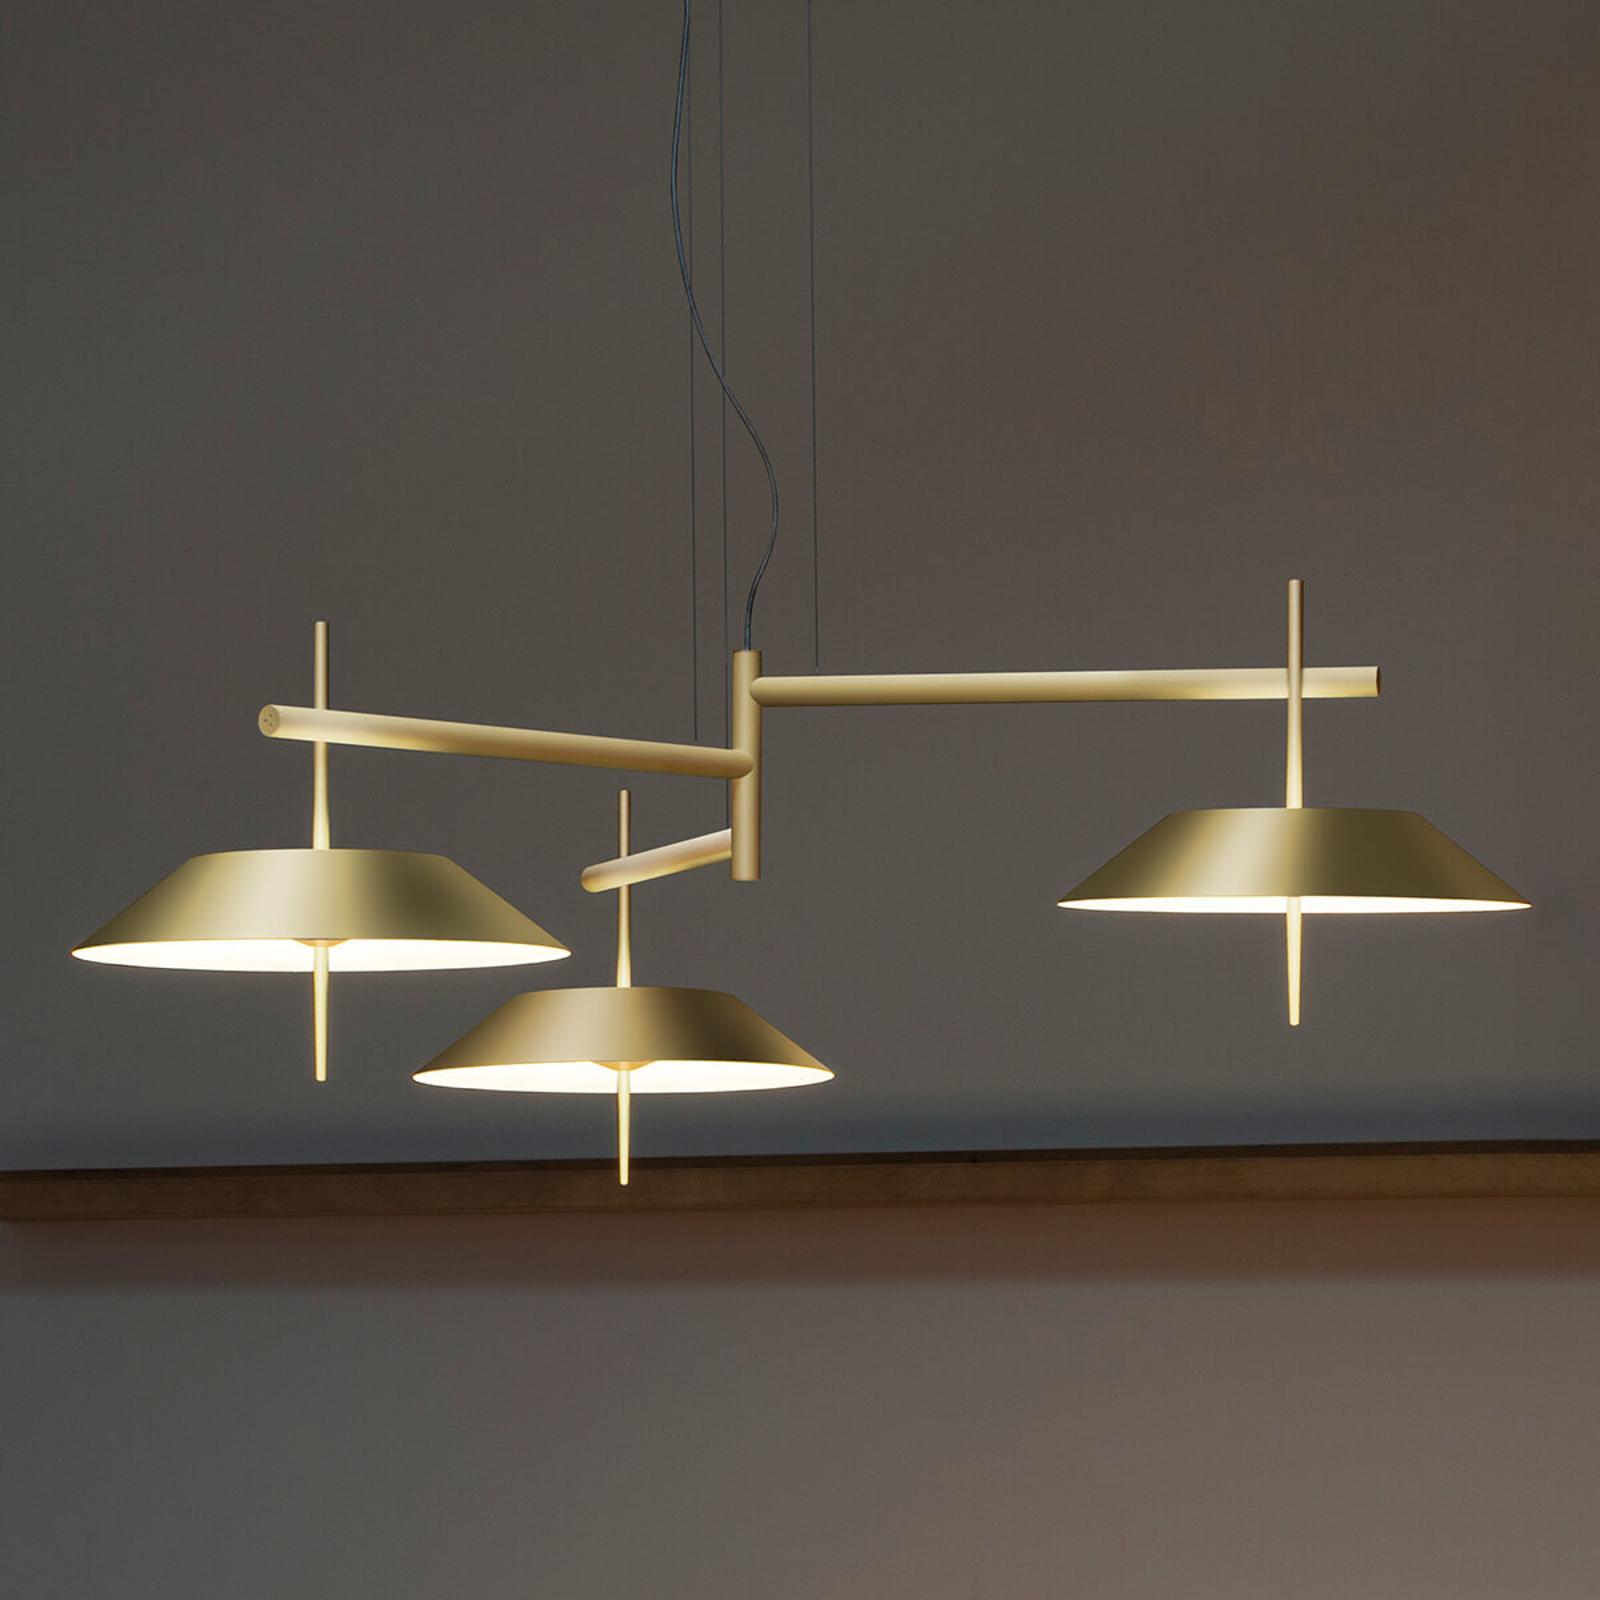 Lámpara colgante LED dorado mate 3 brazos